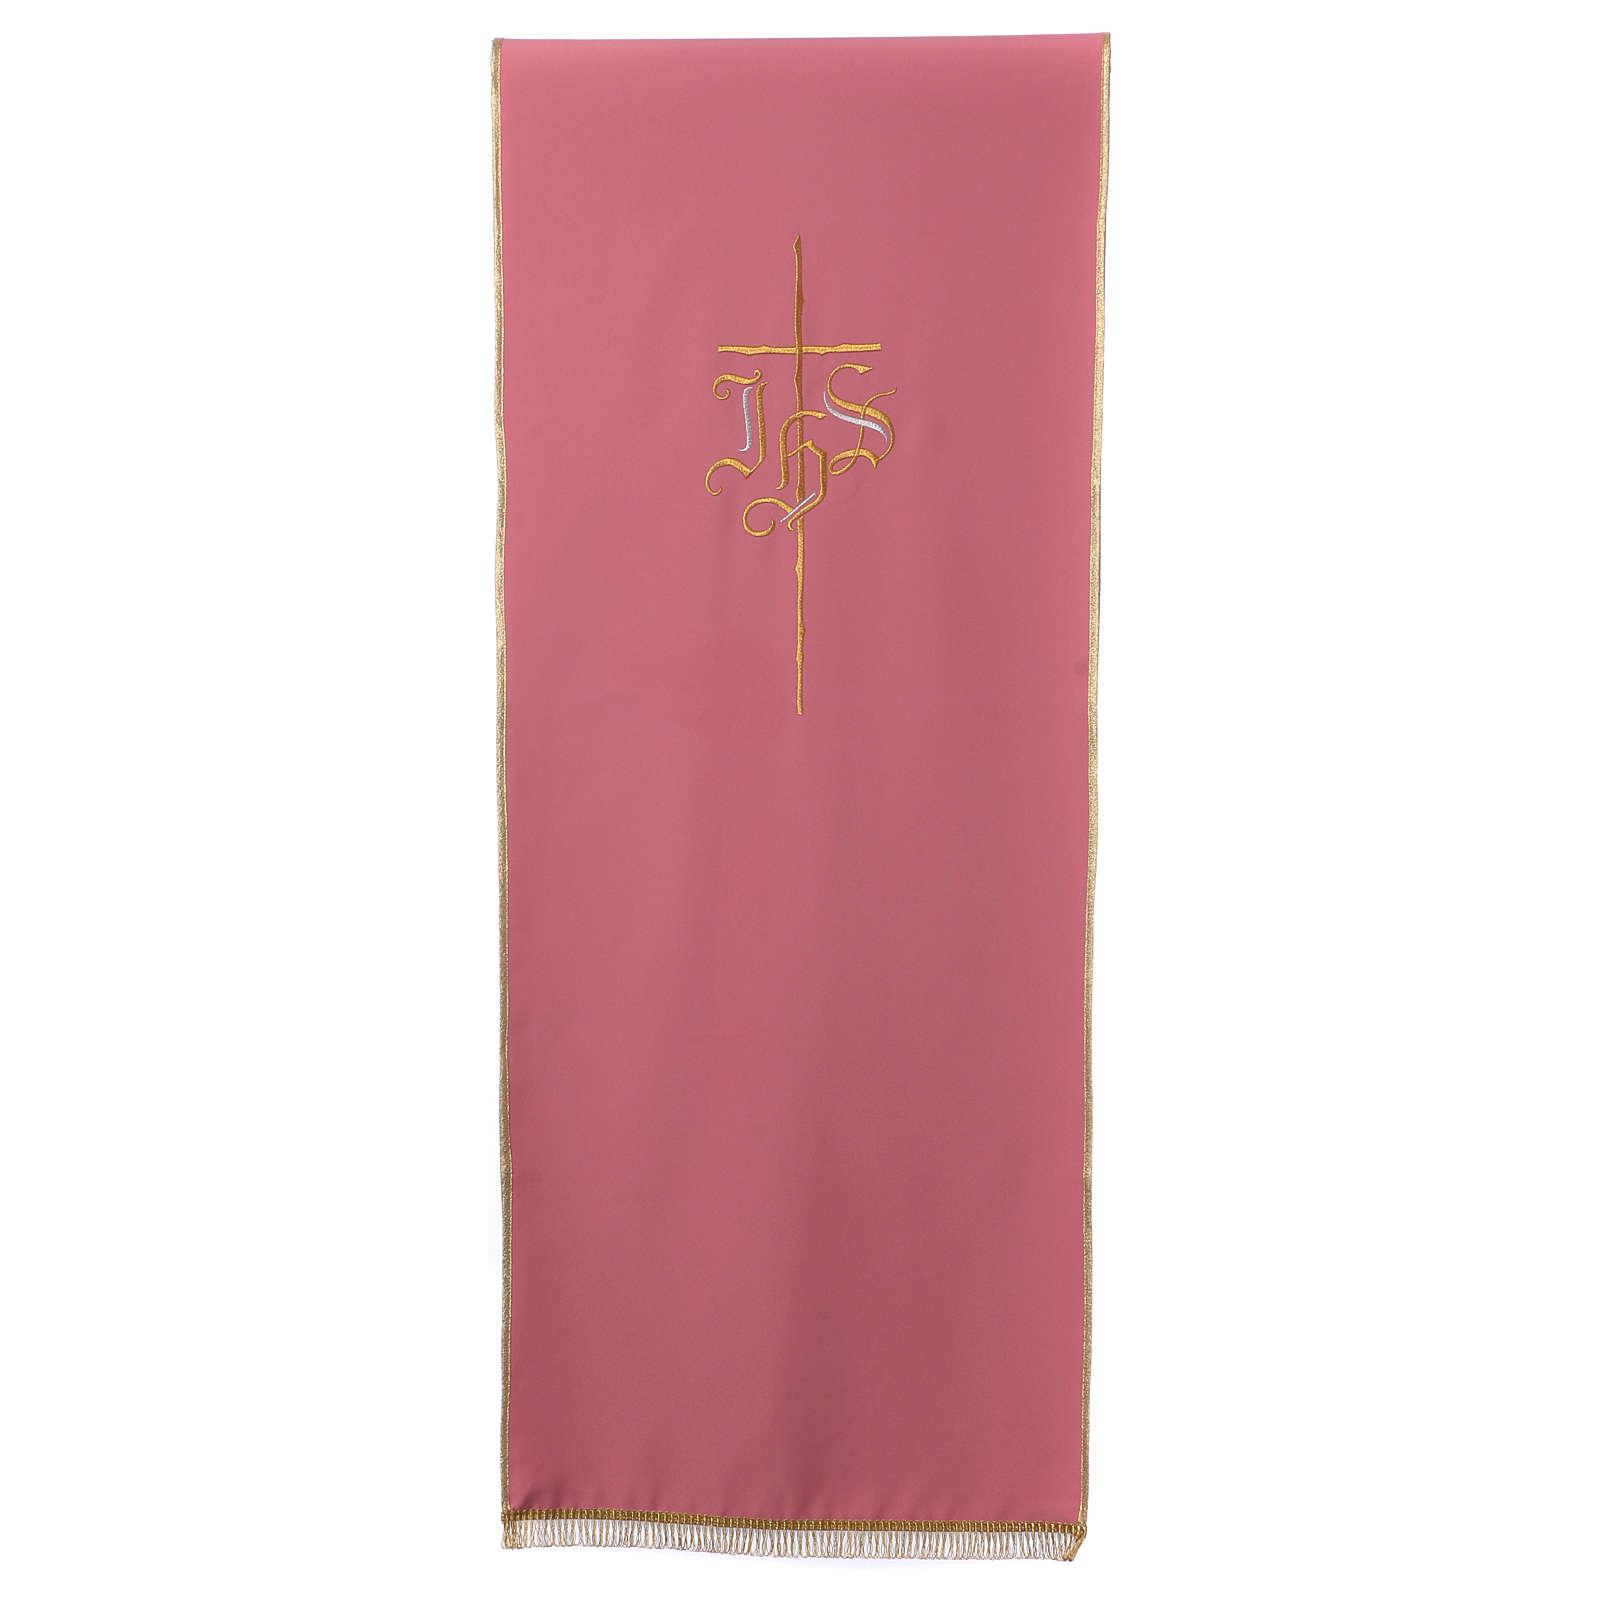 Coprileggio rosa Croce e IHS 4